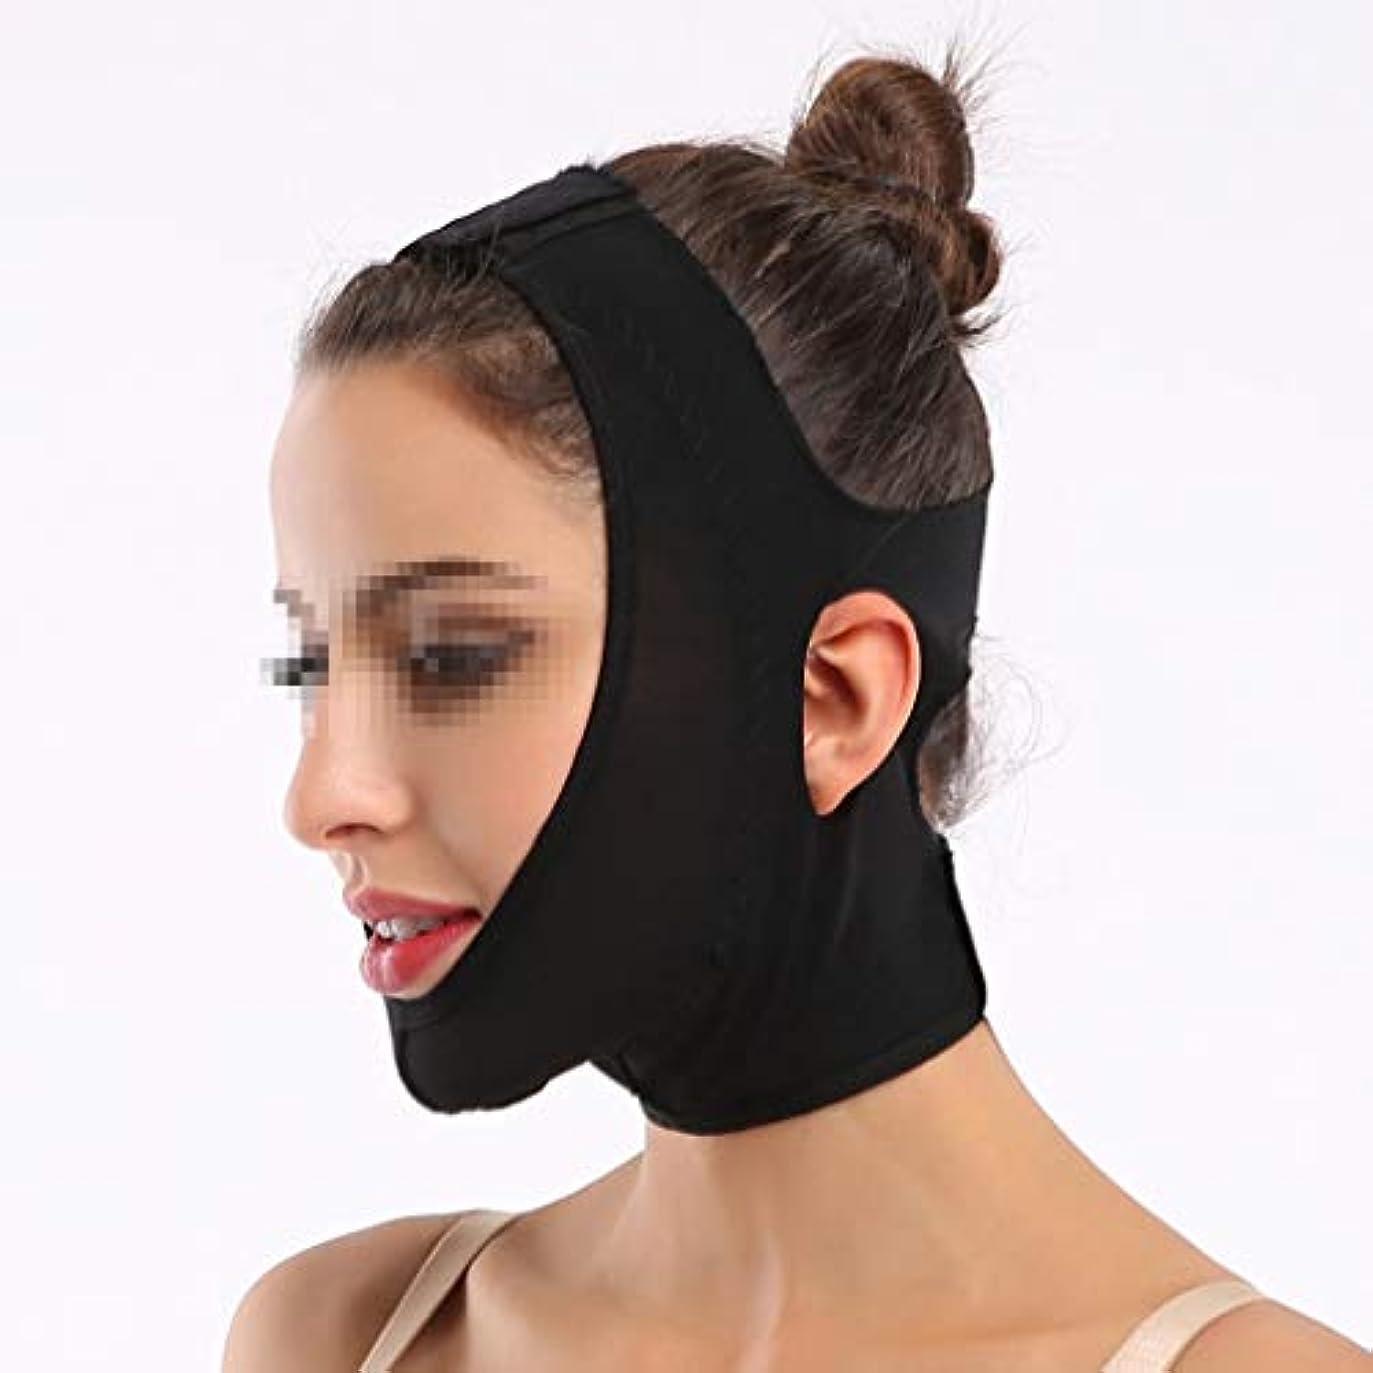 自動化ネイティブセラフVフェイスマスク、包帯マスクを持ち上げて引き締めるスキニービューティーサロン1日2時間Vフェイスマッサージ術後回復